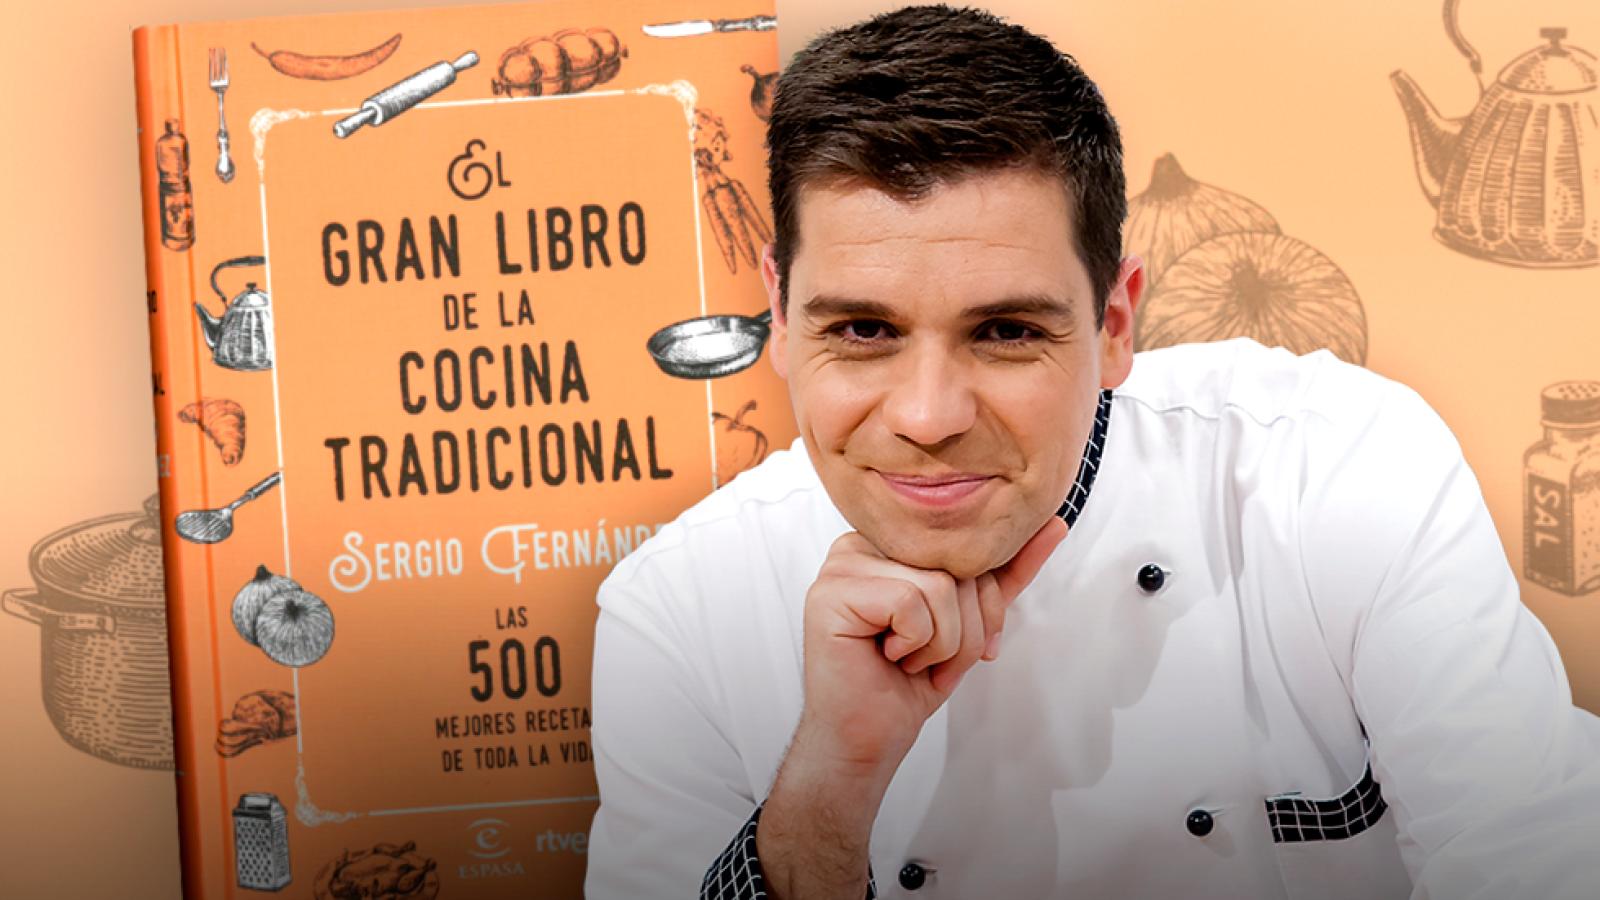 Sergio Fernández nos presenta 'El Gran libro de la cocina tradicional'